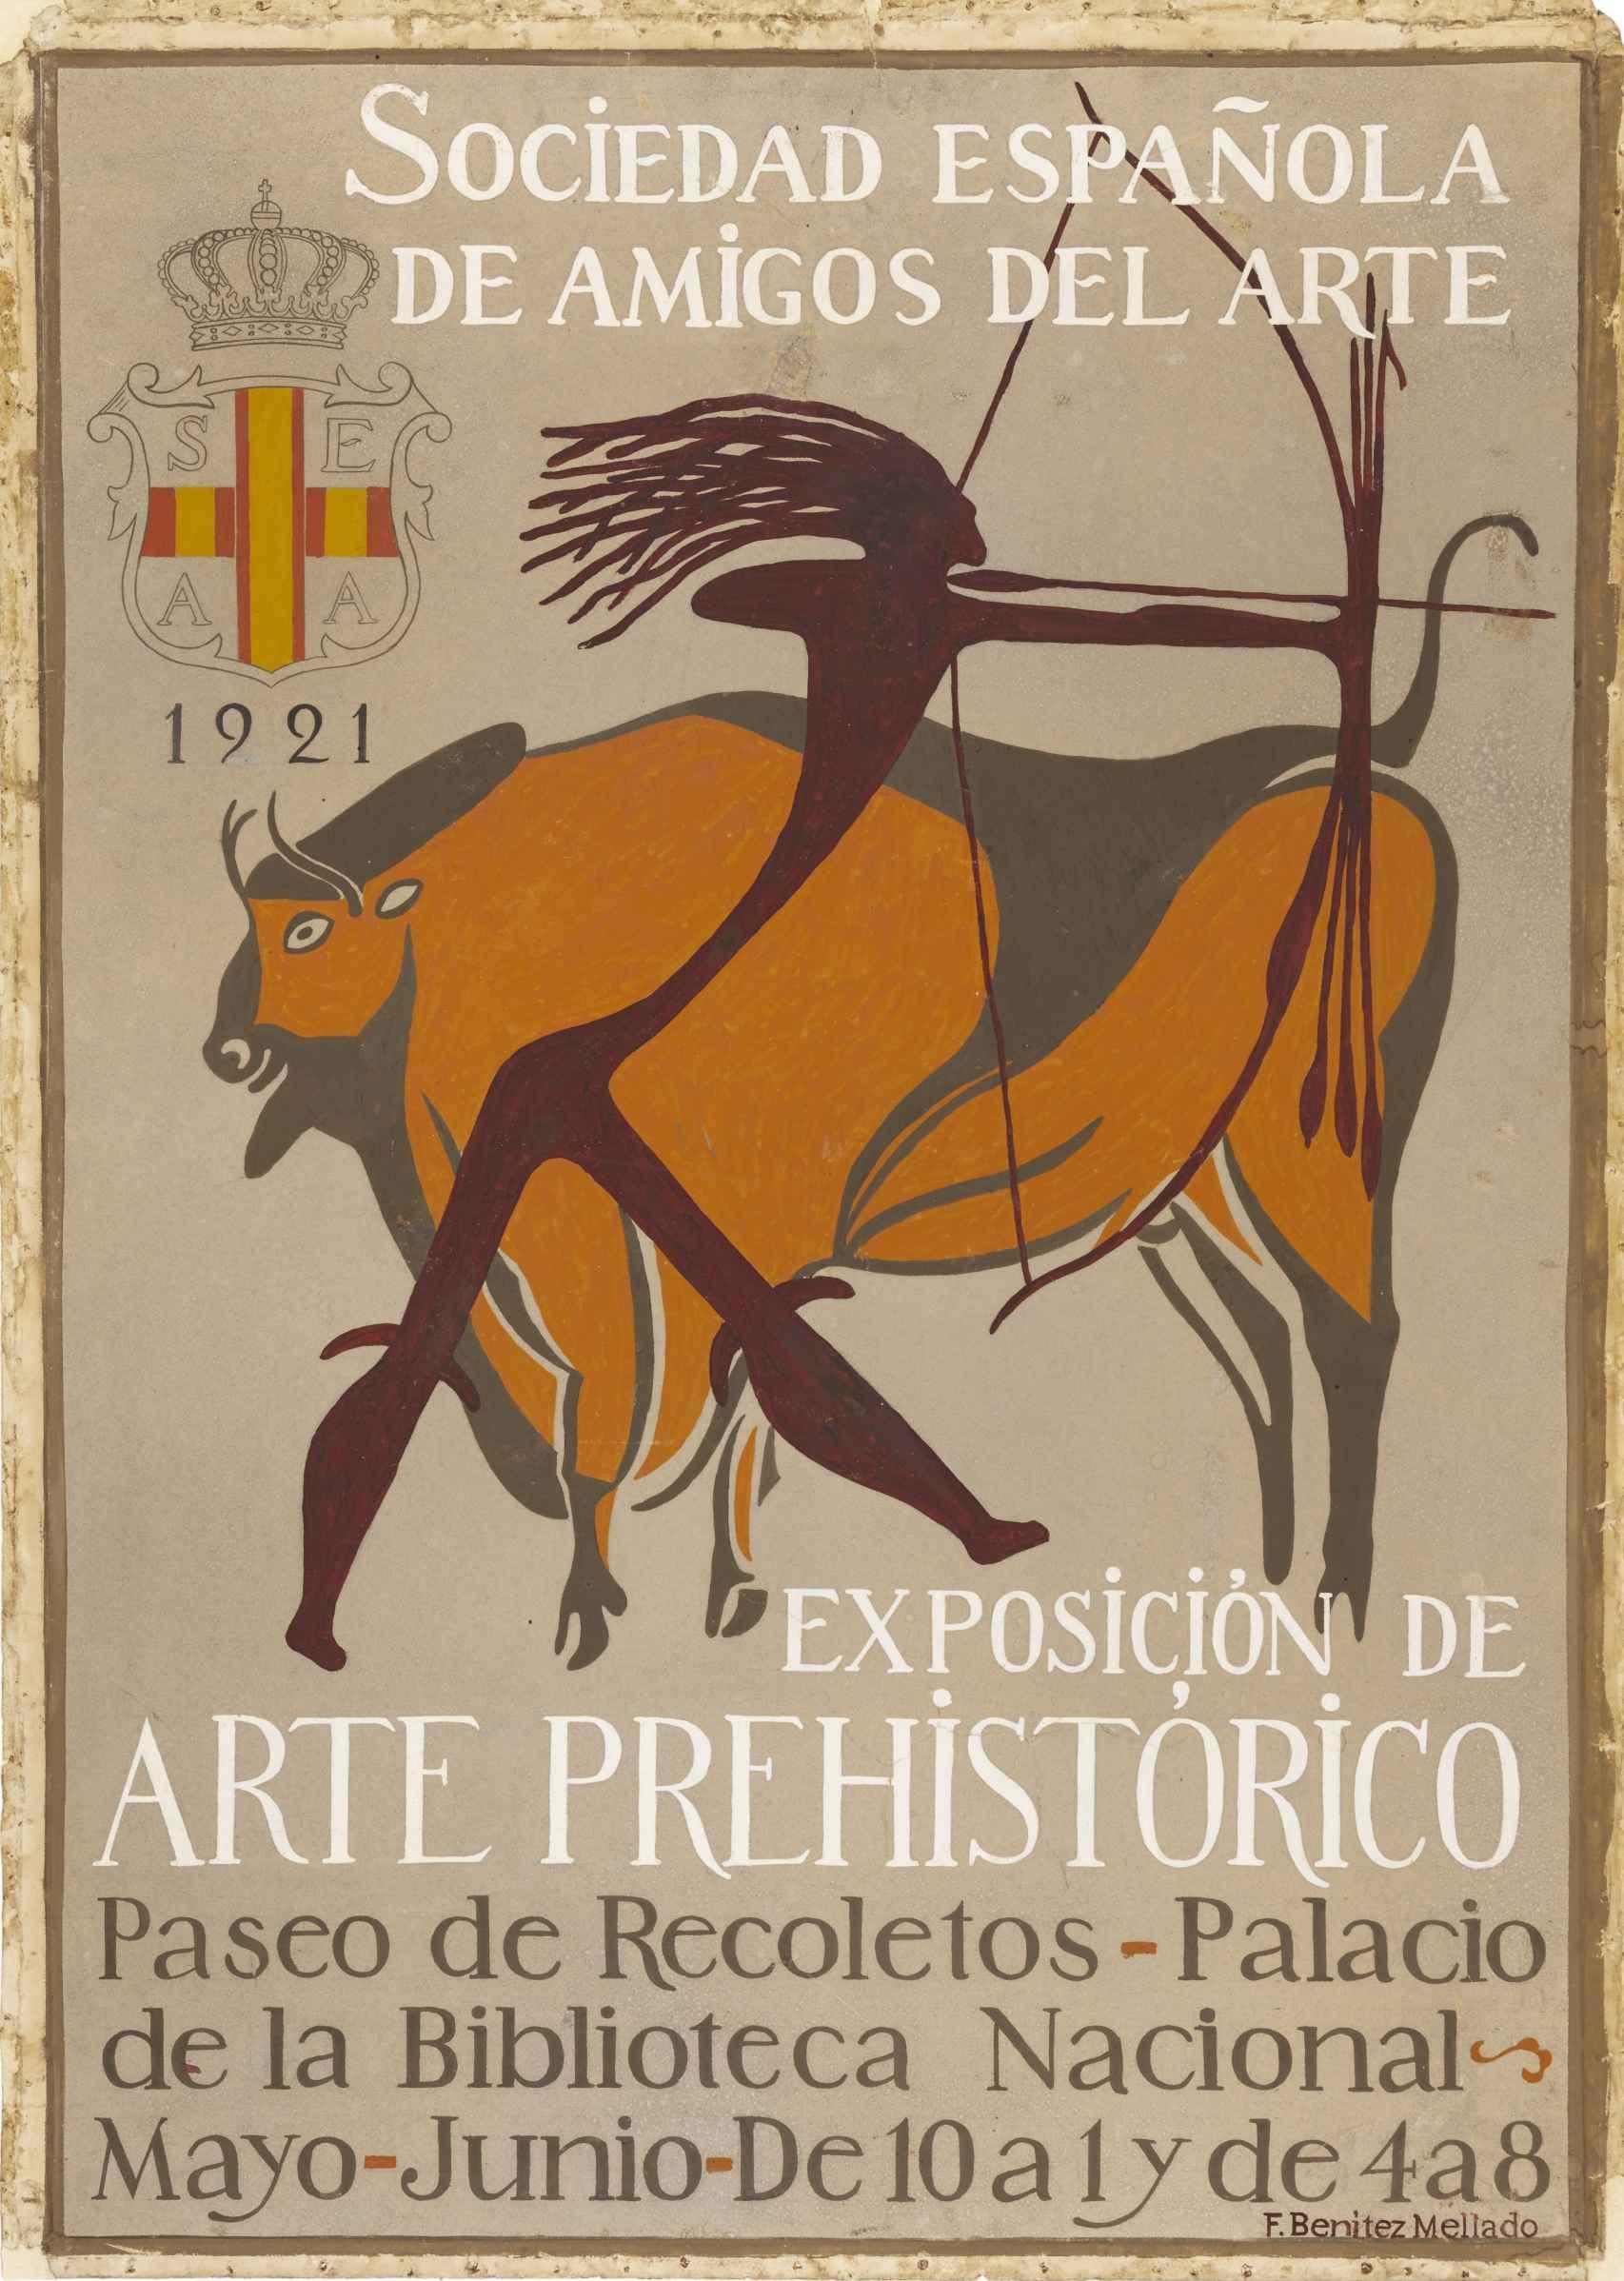 Cartel de la 'Exposición de Arte Prehistórico Español'.